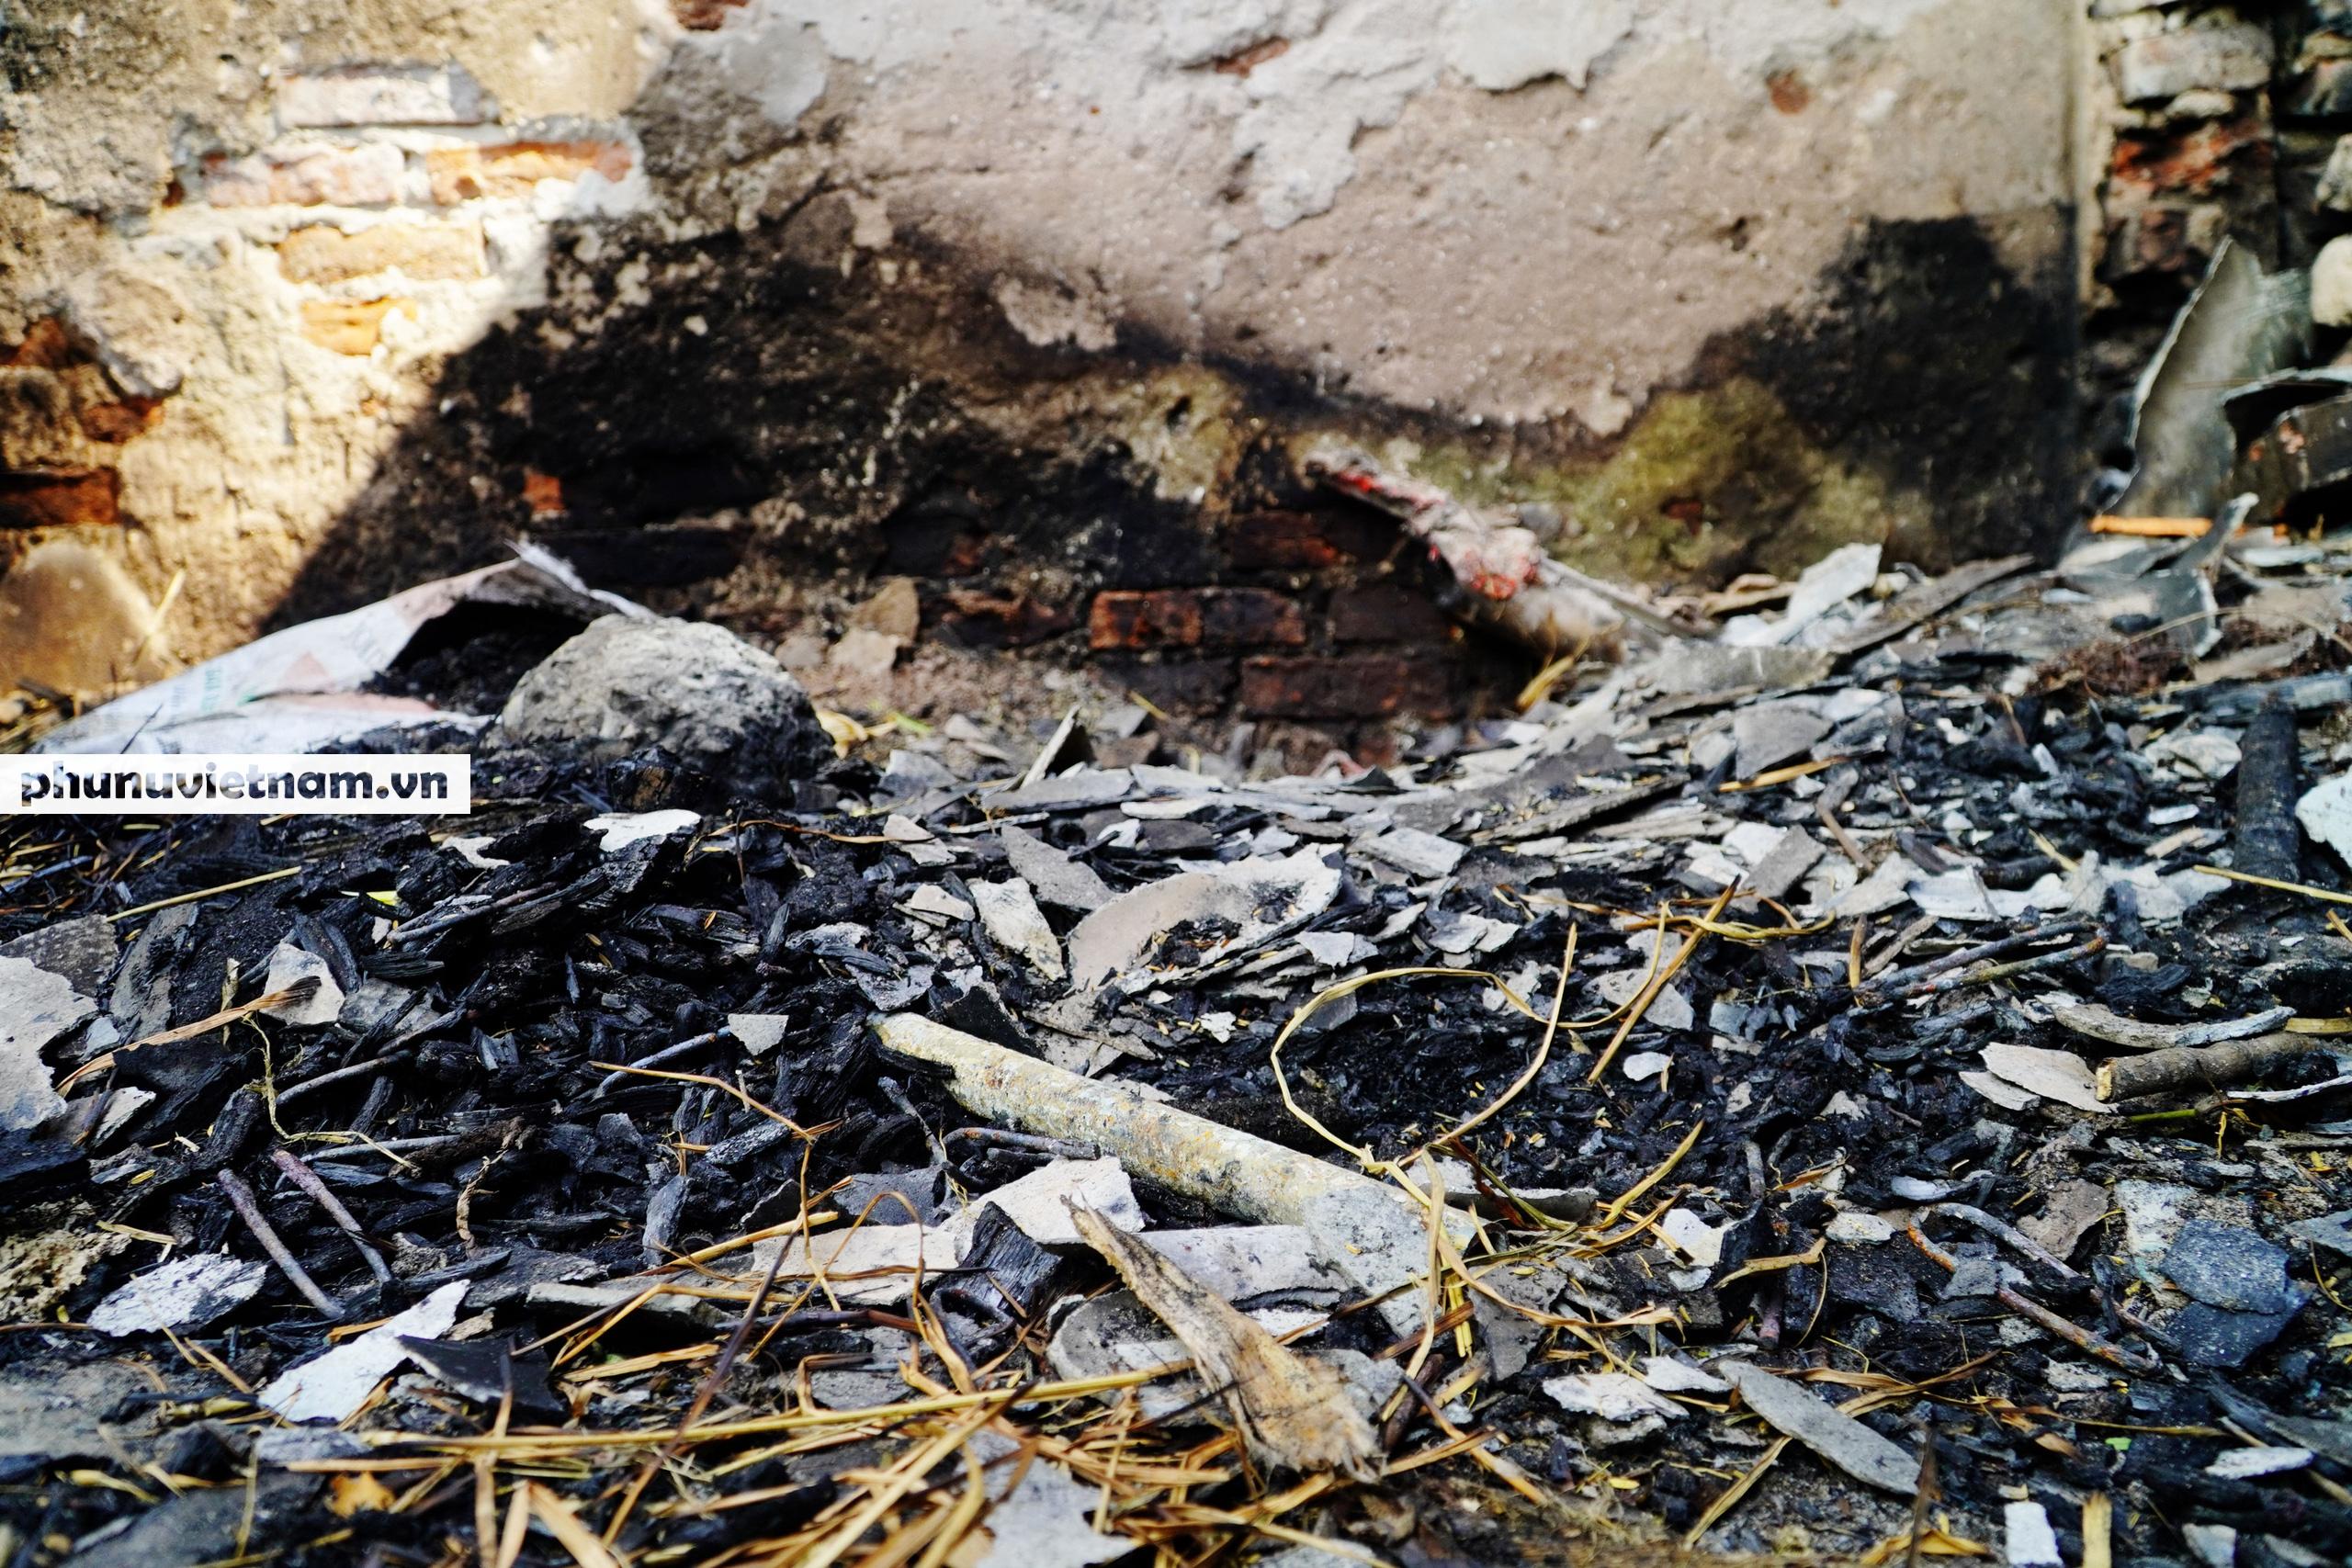 Đốt lửa qua đêm chống rét cho bò sữa, không may bị cháy cả chuồng - Ảnh 5.